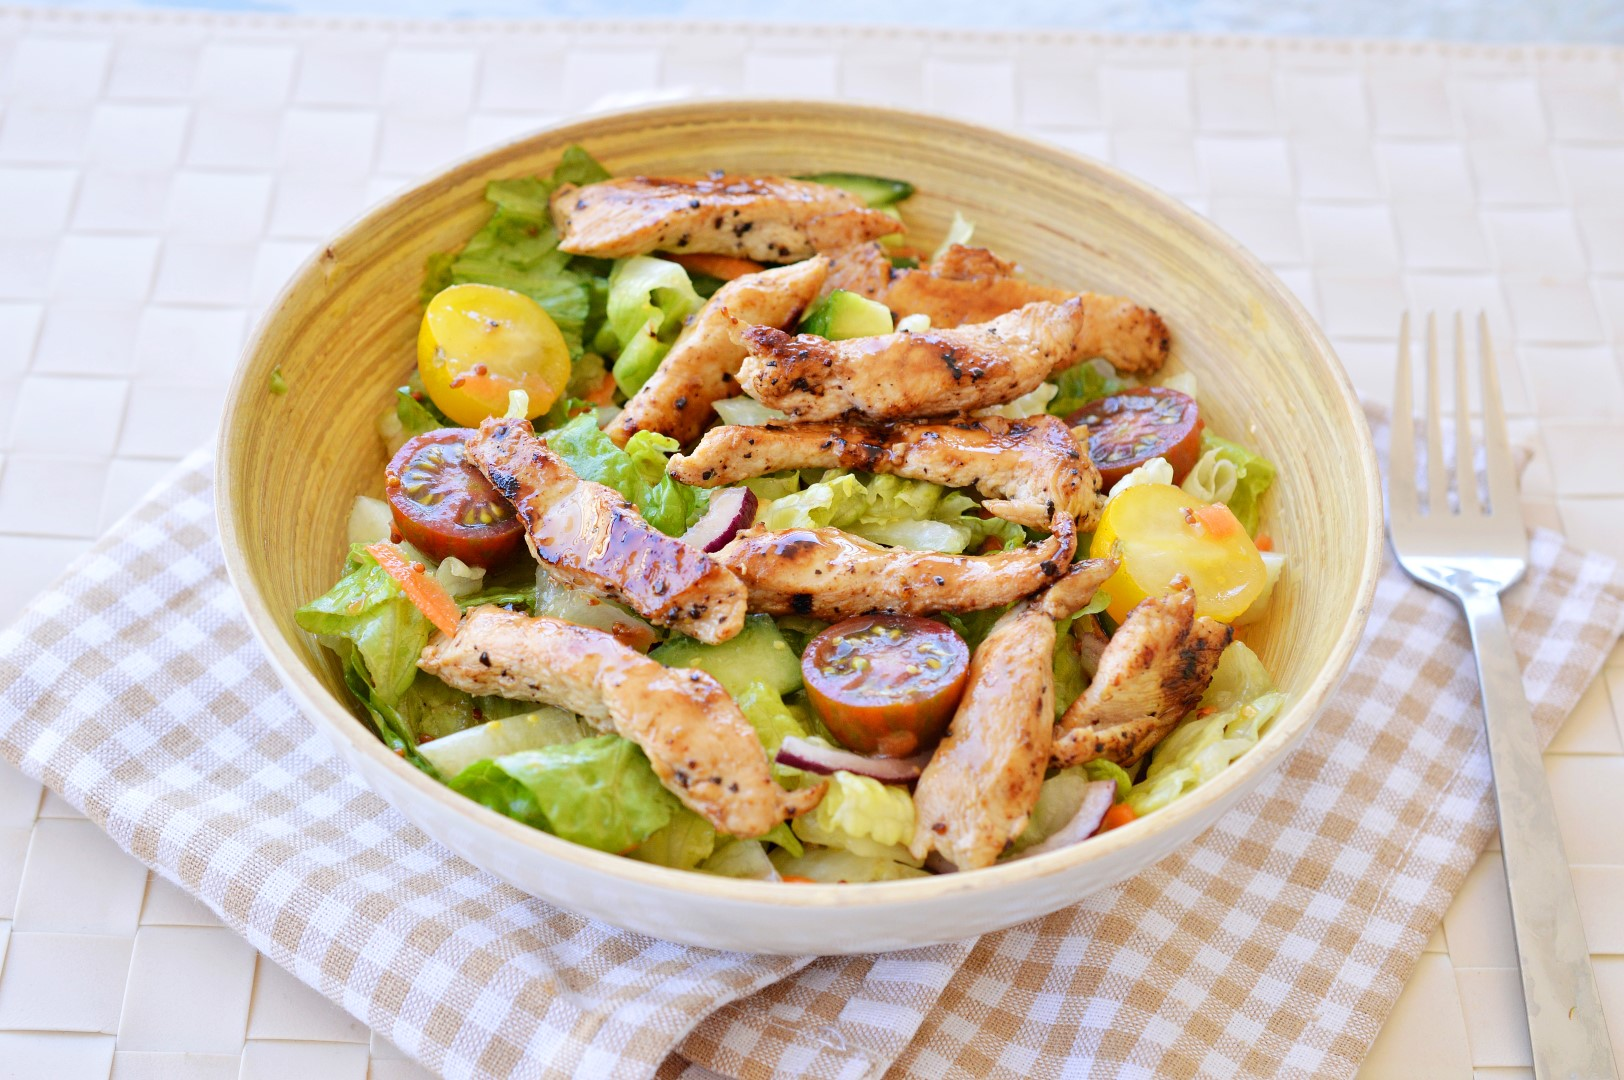 סלט ירקות טריים עם נתחי עוף